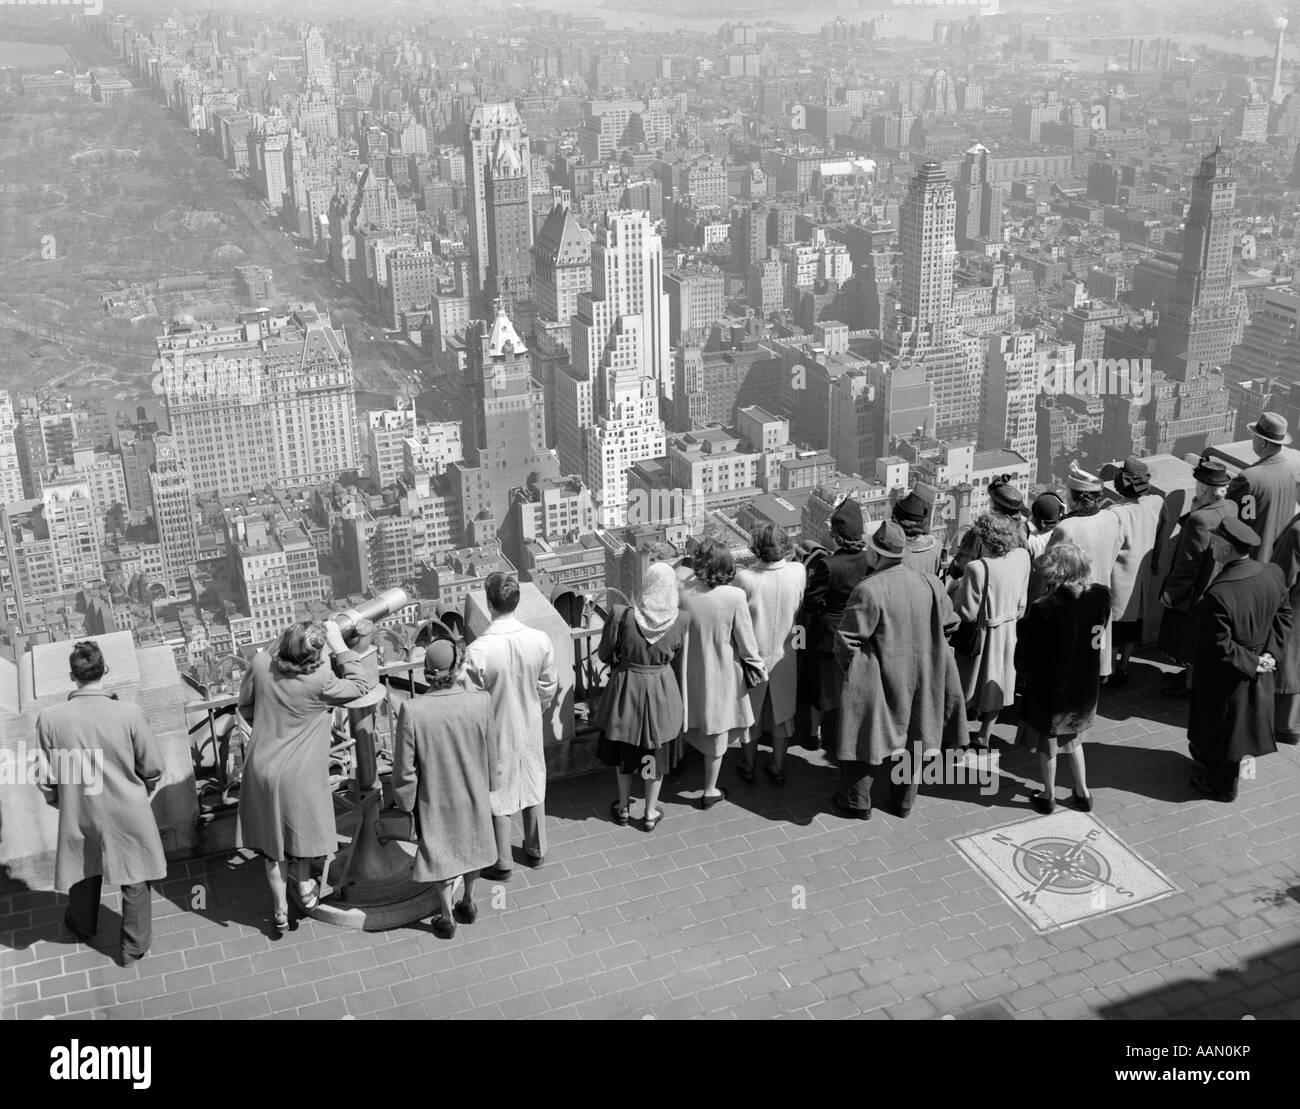 1940s gruppo di turisti in piedi sulla parte superiore dell edificio RCA CHE AFFACCIA SULLA CITTÀ Immagini Stock